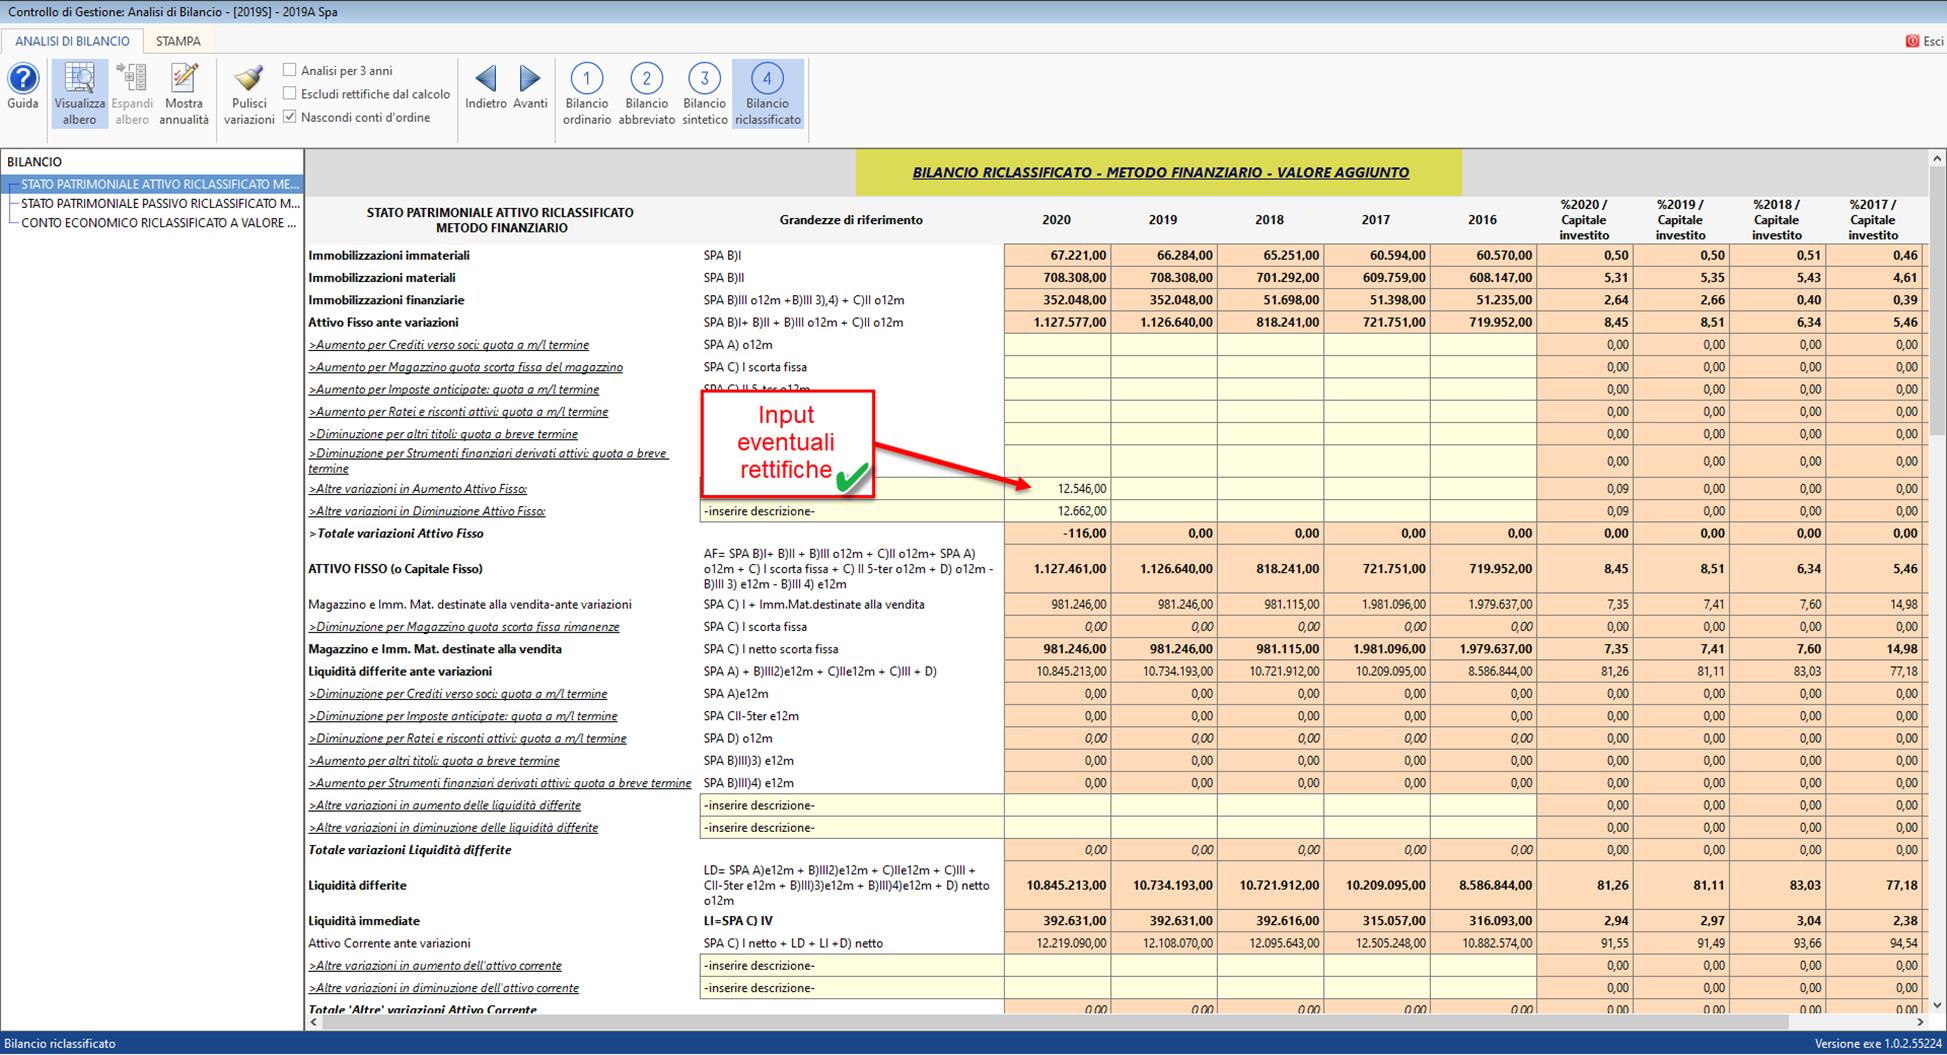 Controllo di Gestione: disponibile Analisi di Bilancio Sintetica - Dati nei bilanci riclassificati